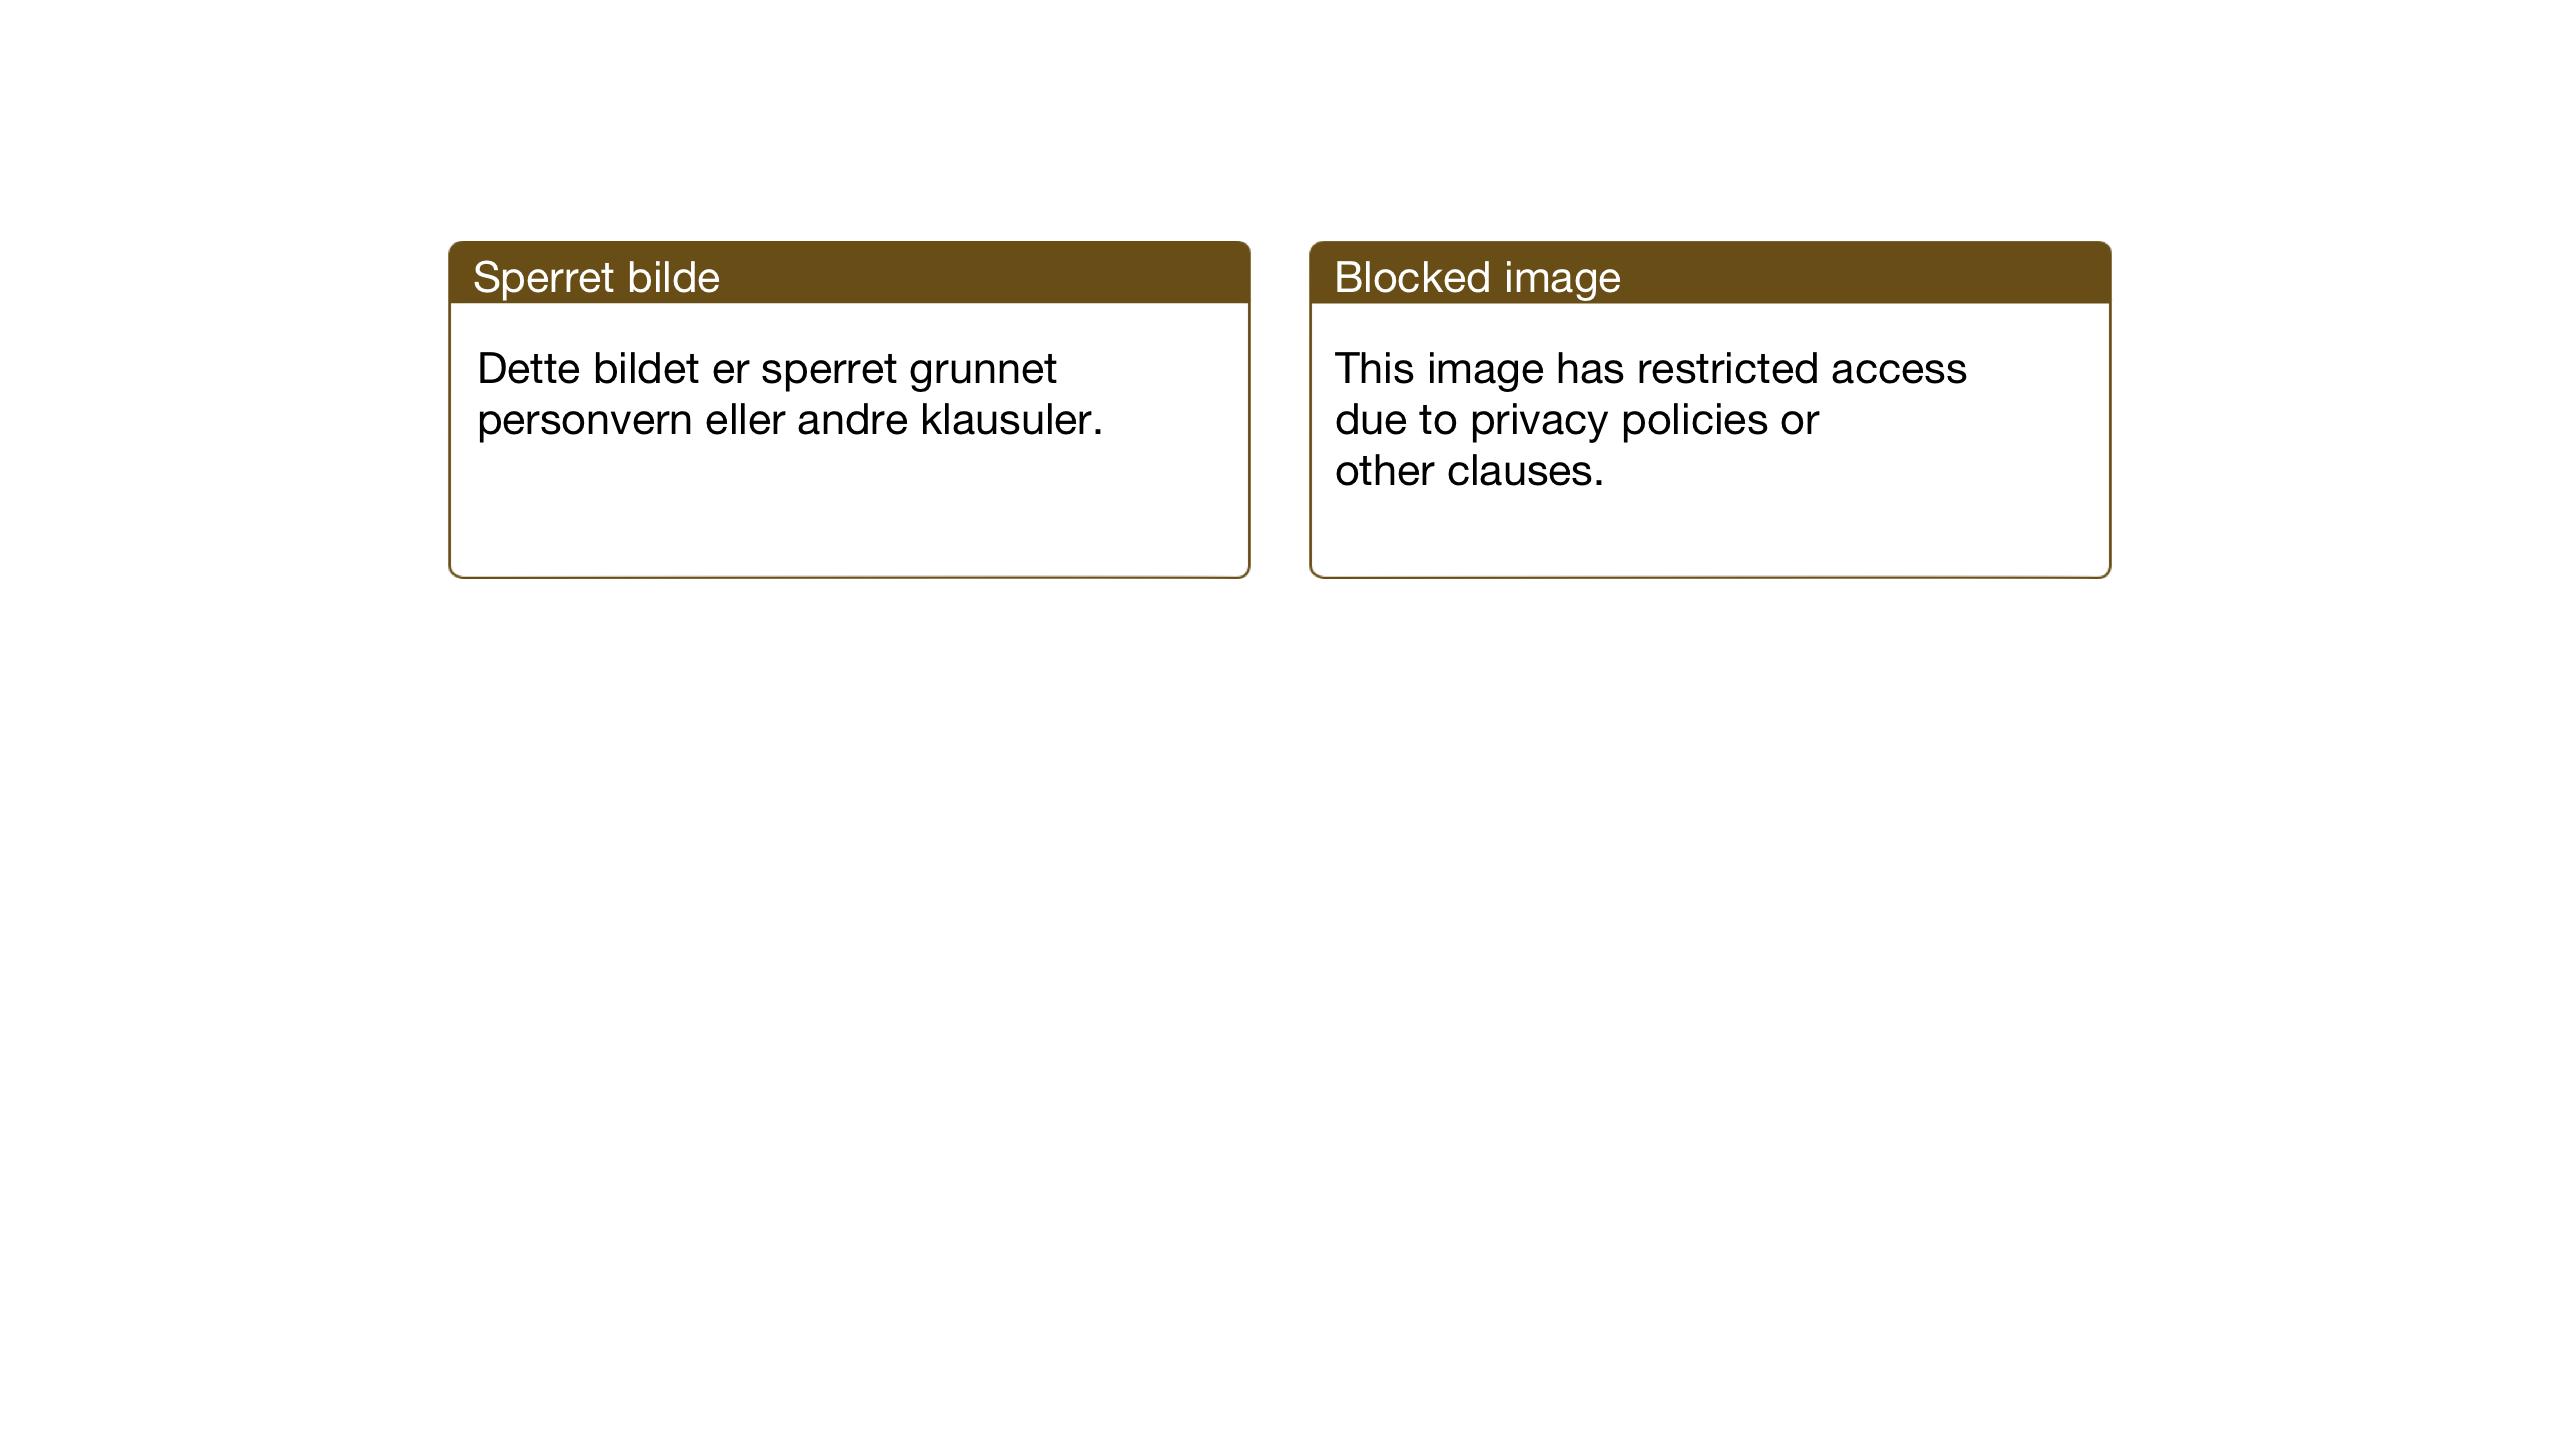 SAT, Ministerialprotokoller, klokkerbøker og fødselsregistre - Sør-Trøndelag, 681/L0943: Klokkerbok nr. 681C07, 1926-1954, s. 182